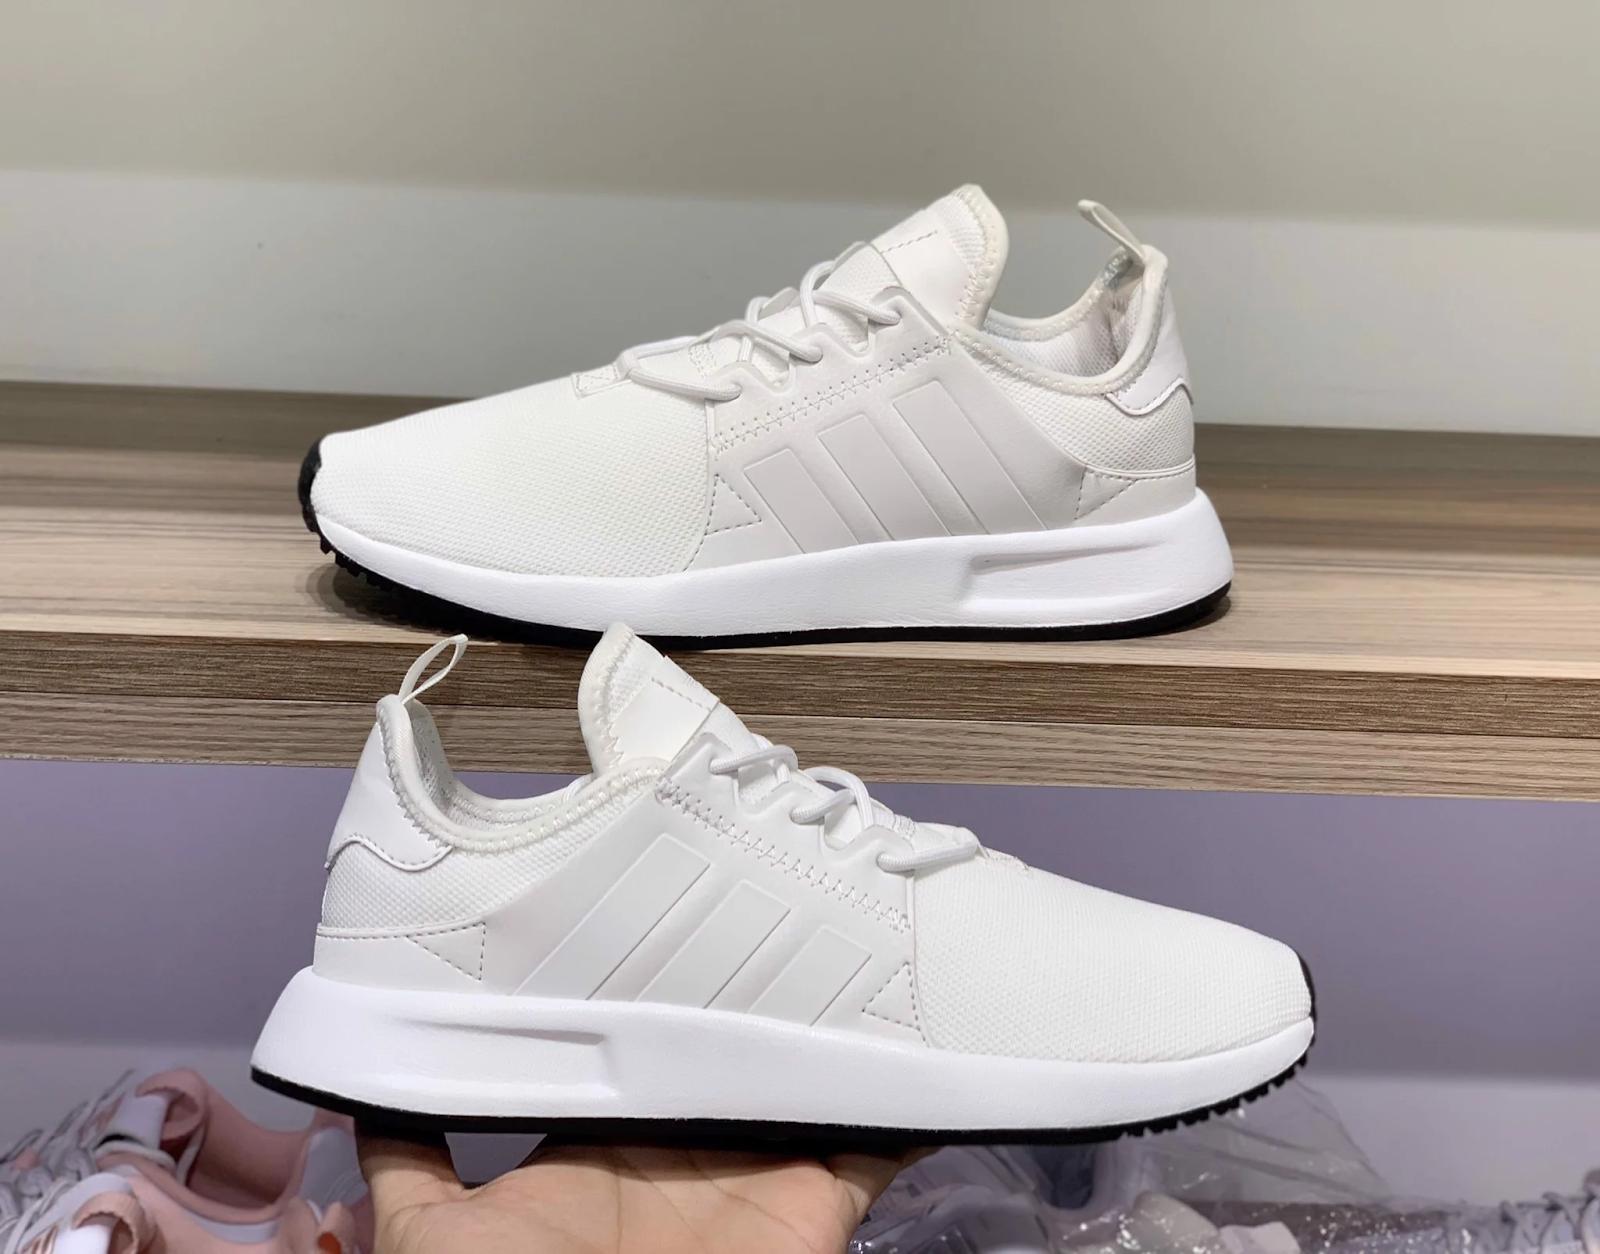 Giày Adidas XPLR chỉ có 1 phiên bản nhưng có nhiều màu sắc dành cho bạn lựa chọn